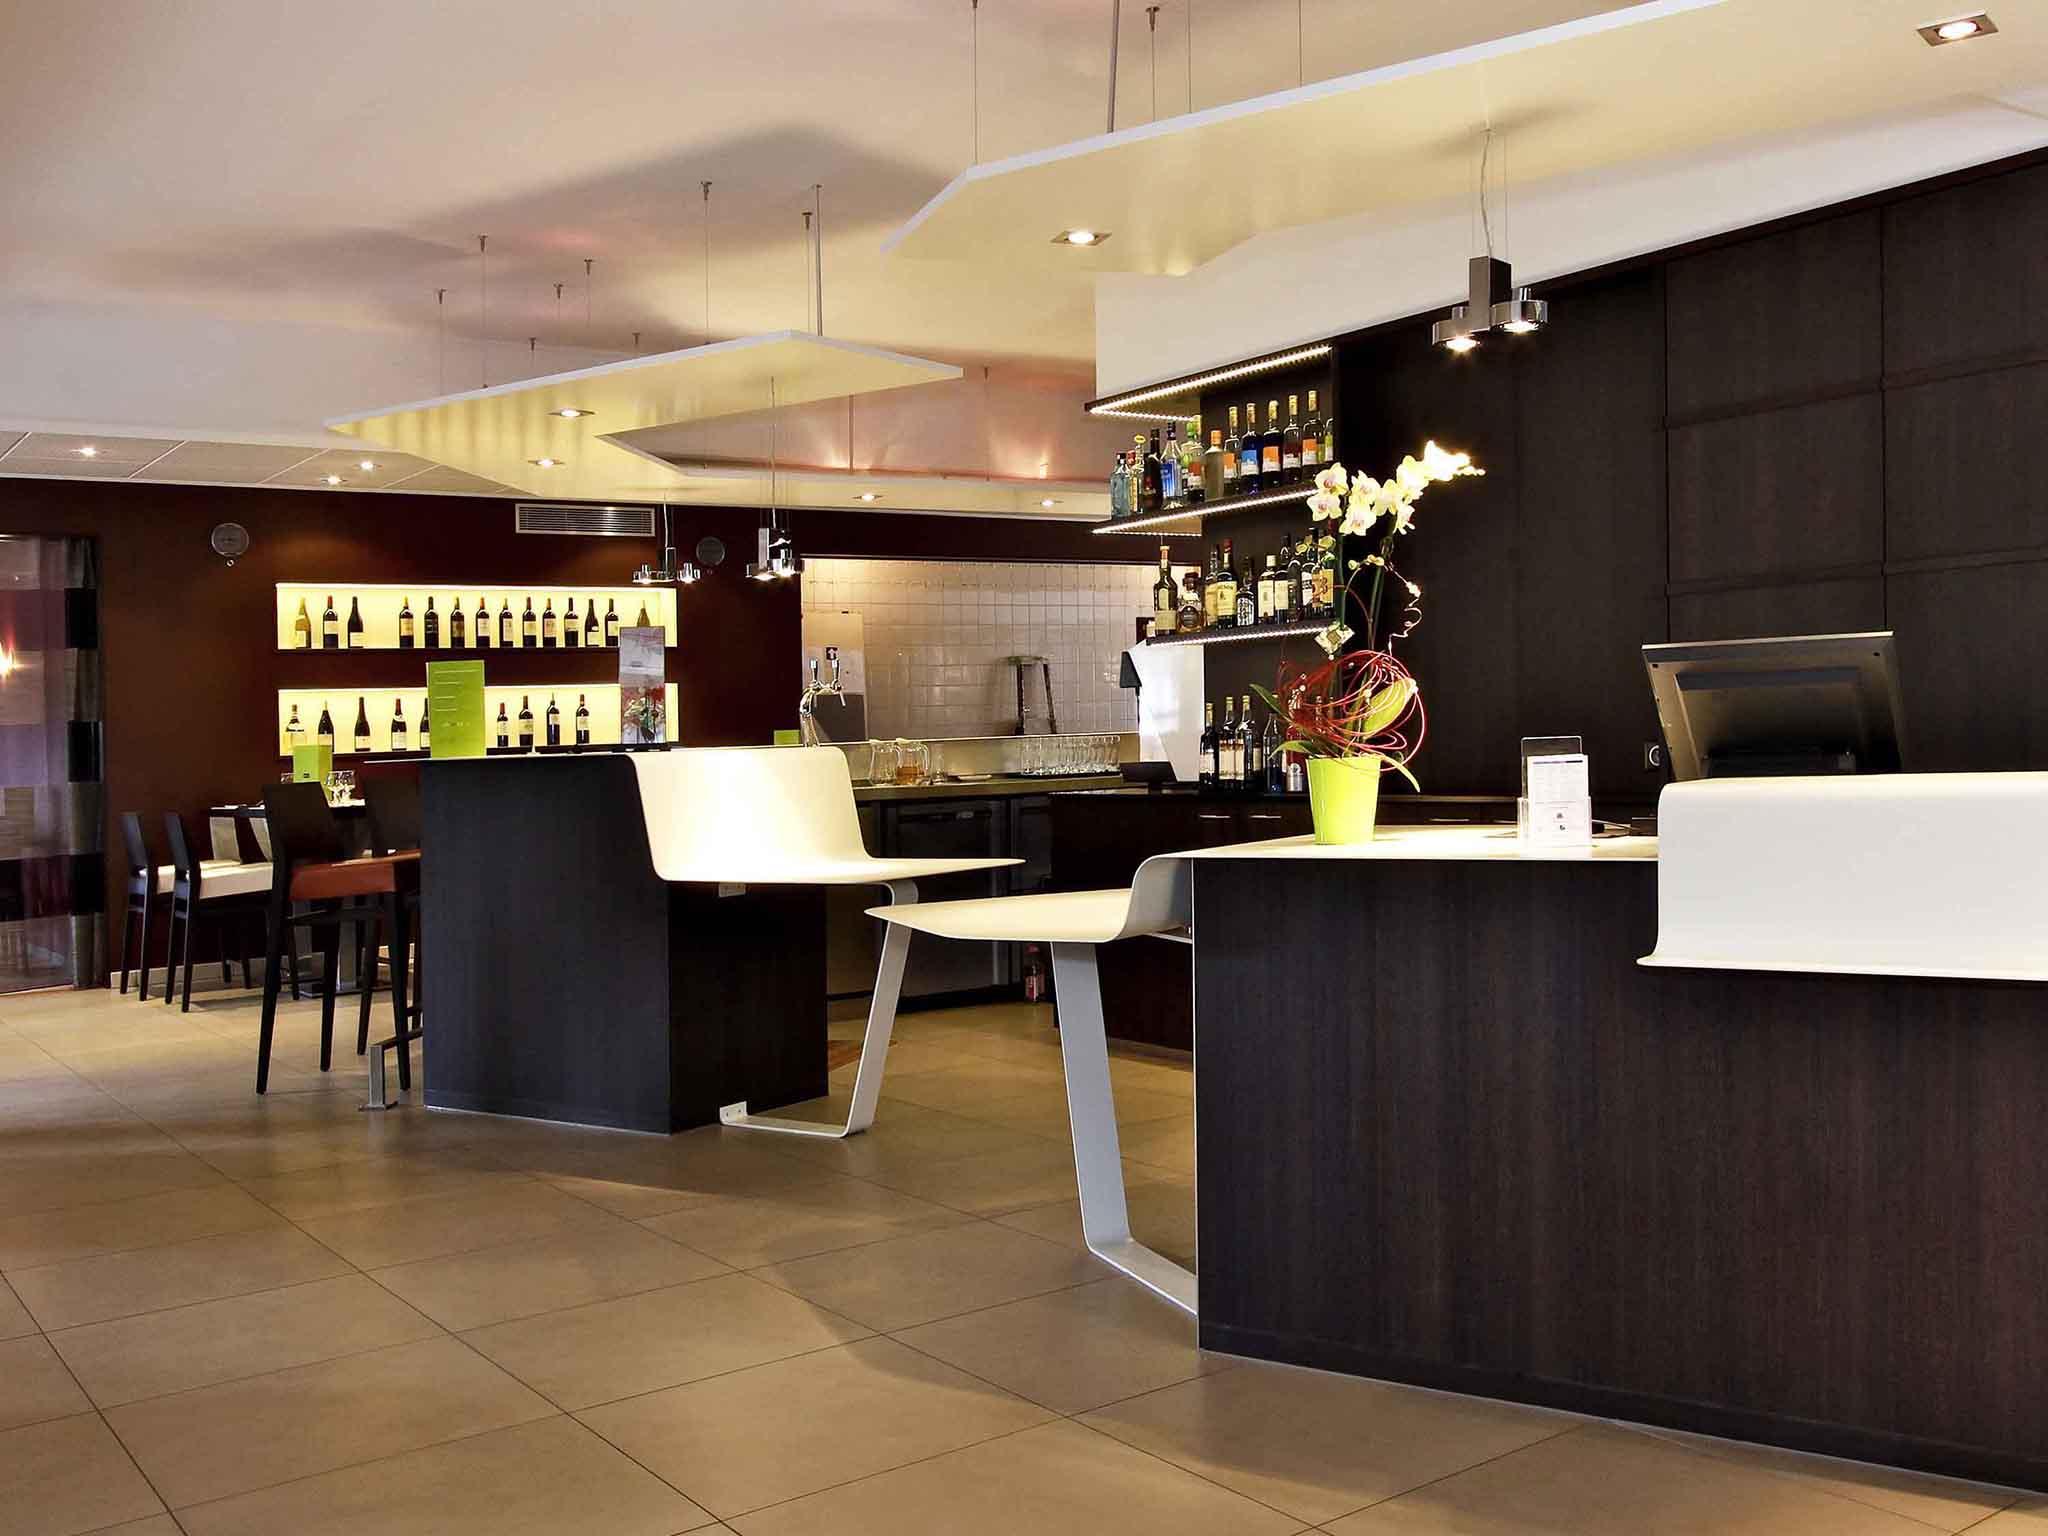 Hôtel - Hôtel Mercure Luxeuil-les-Bains Hexagone